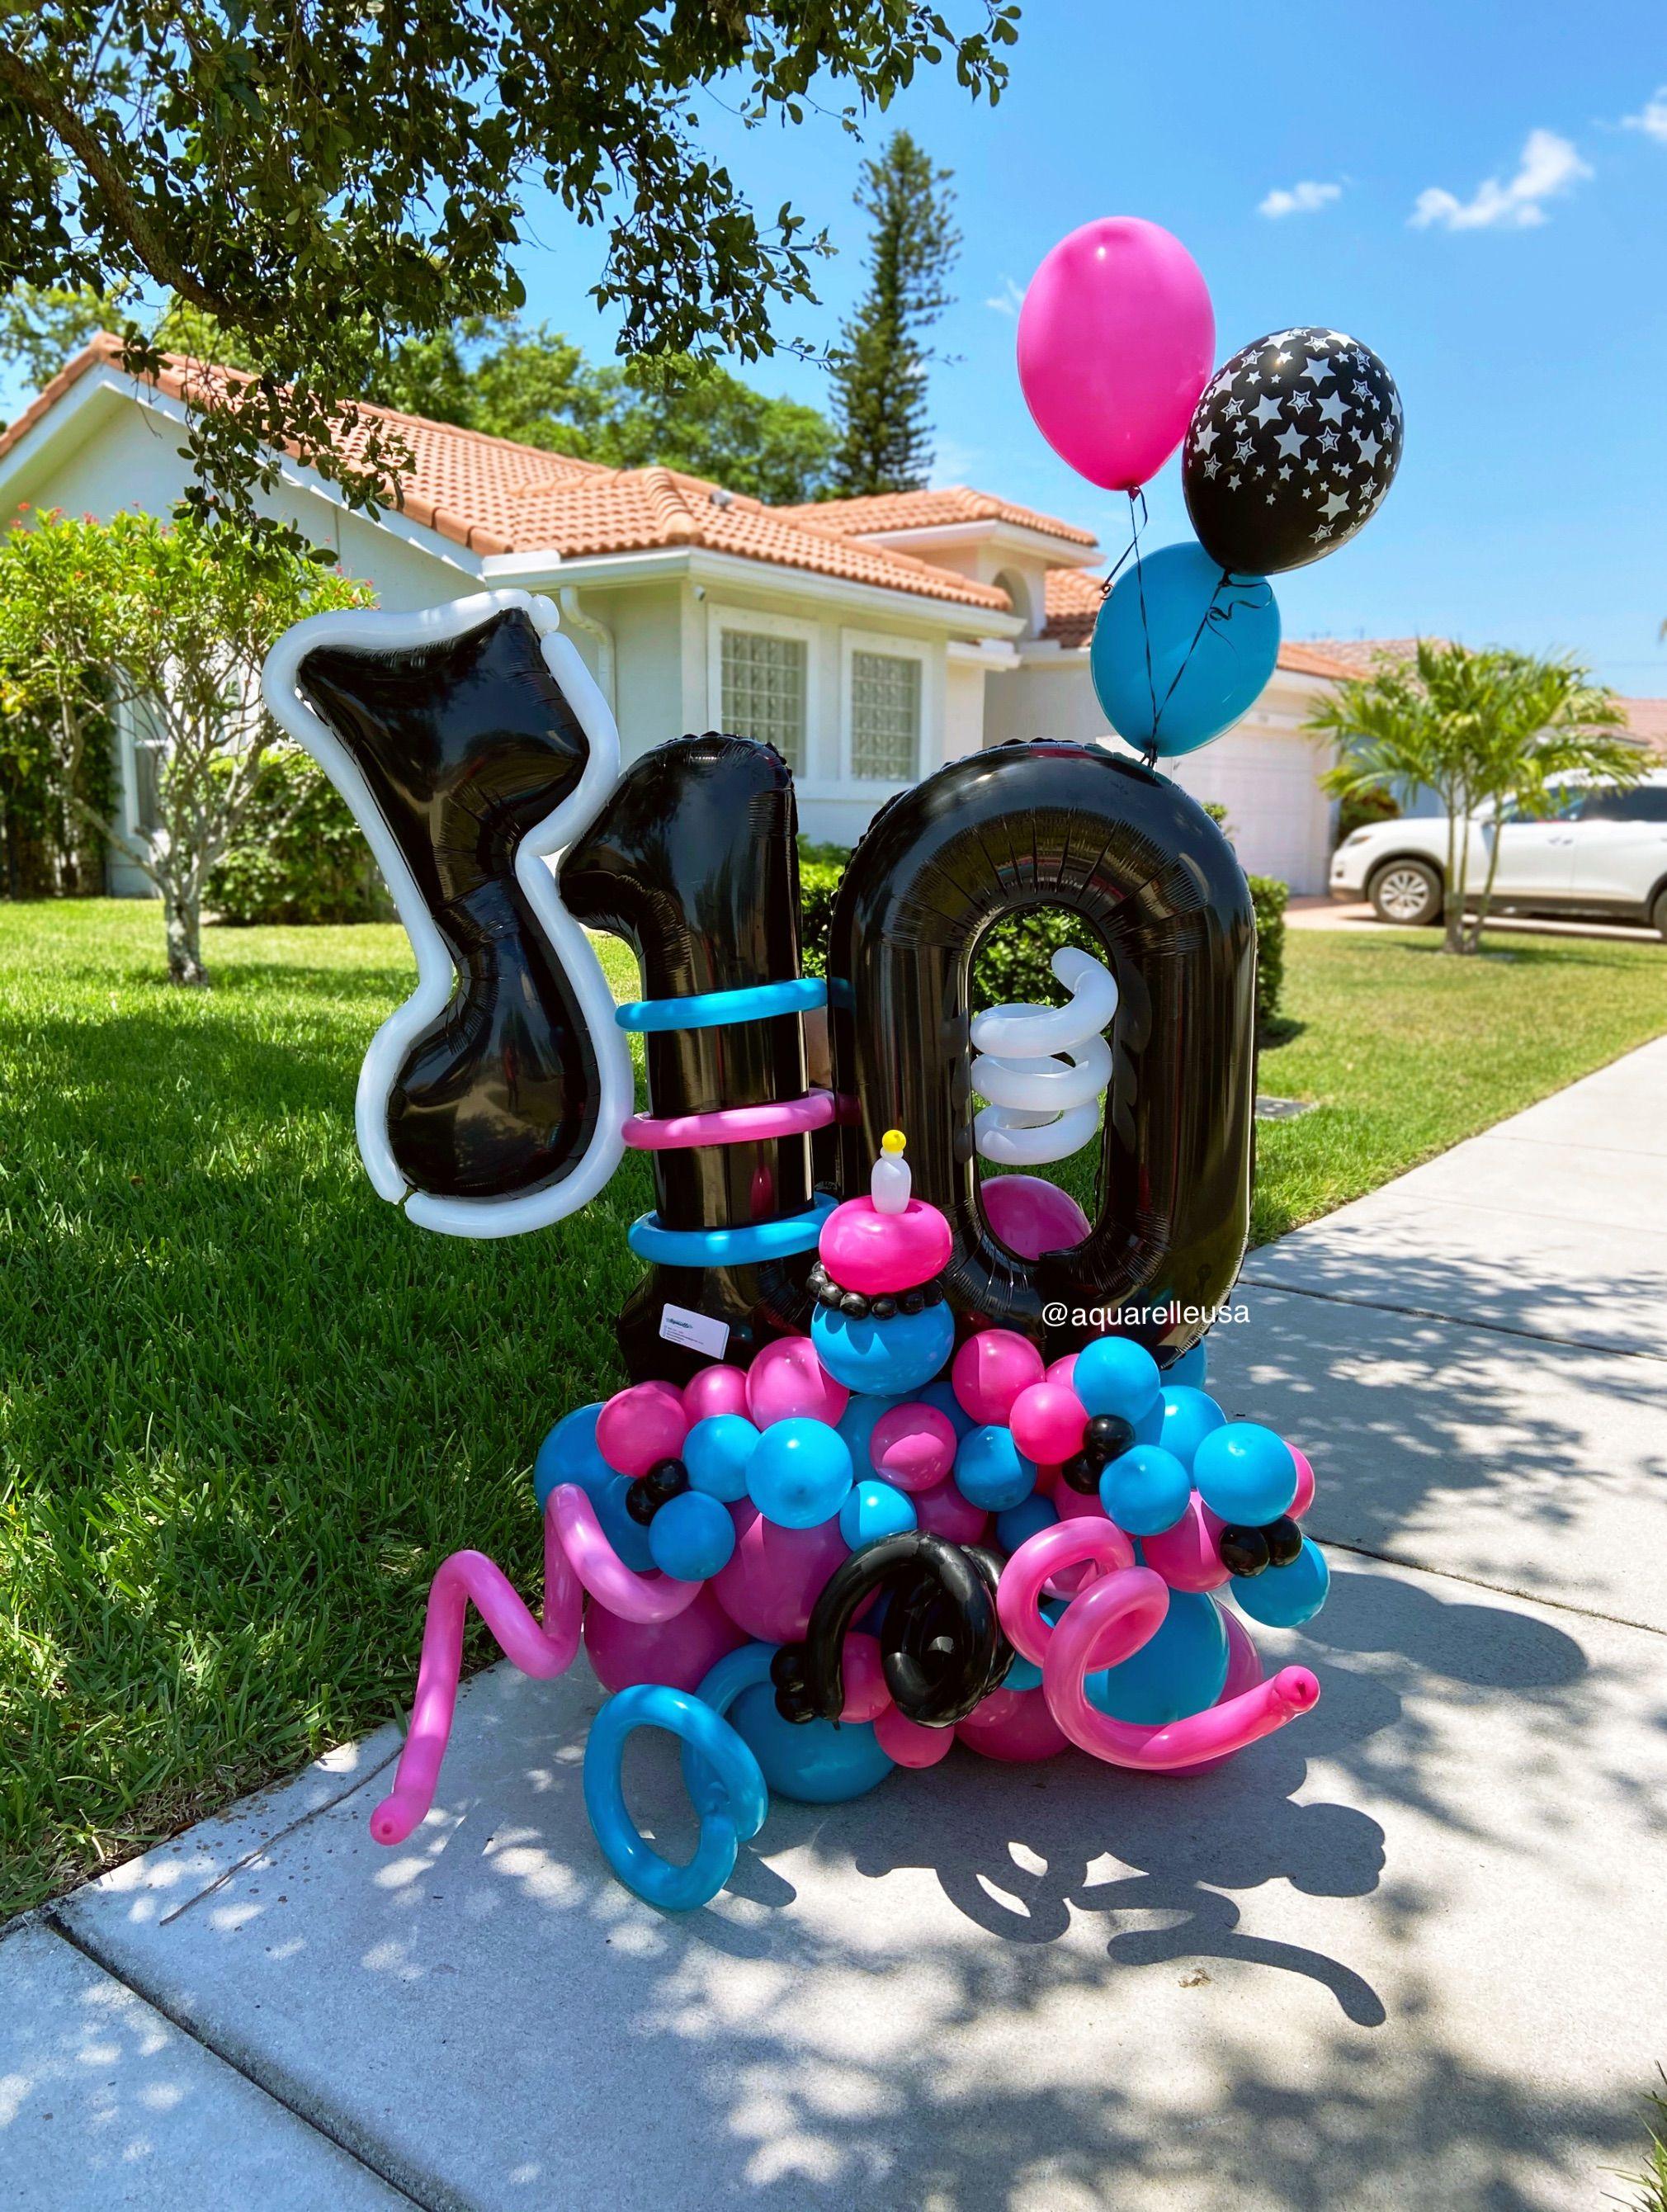 Tik Tok Birthday Balloon Bouquet Birthday Balloons Balloon Decorations Party Birthday Balloon Decorations